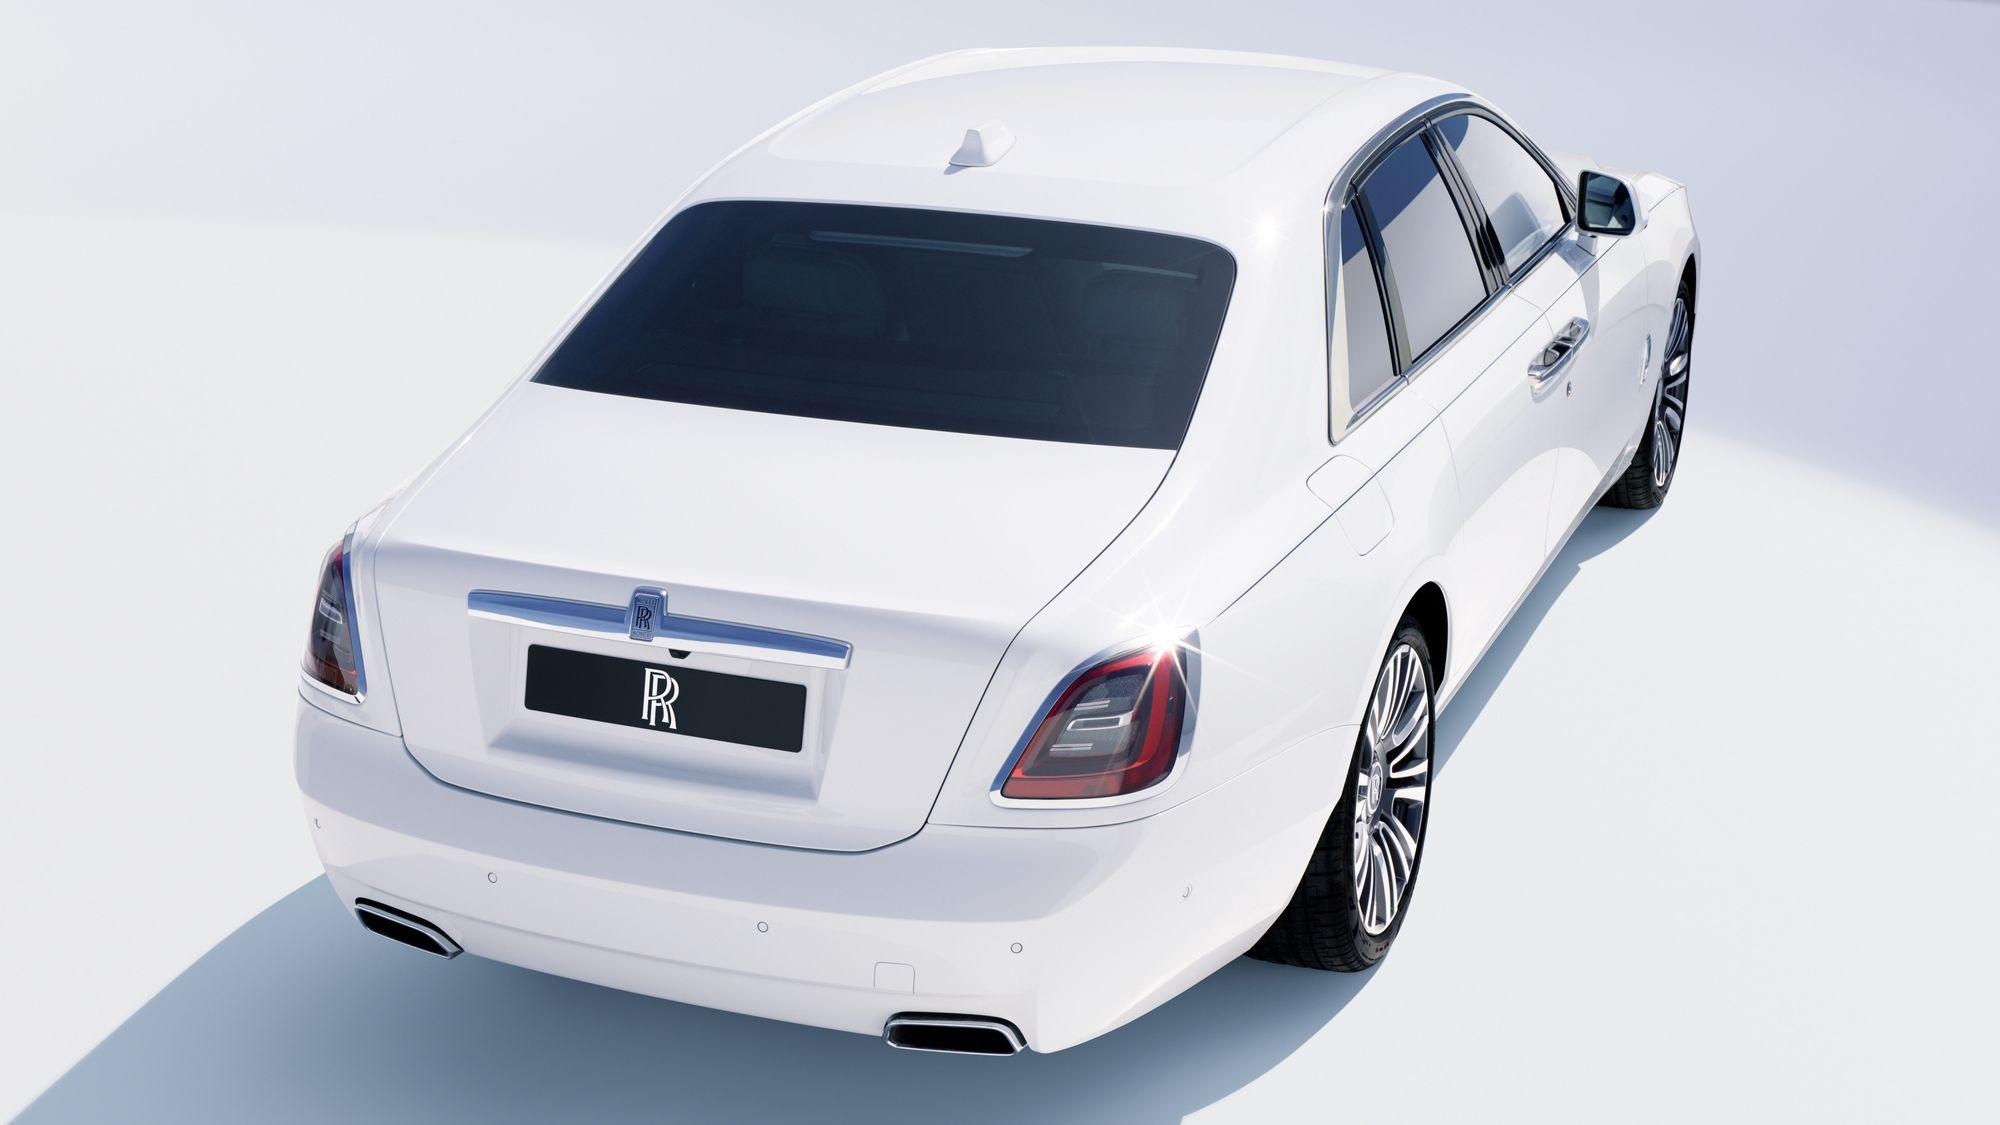 Новый Rolls-Royce Ghost: полный привод, 850 лампочек и подвеска-долгострой